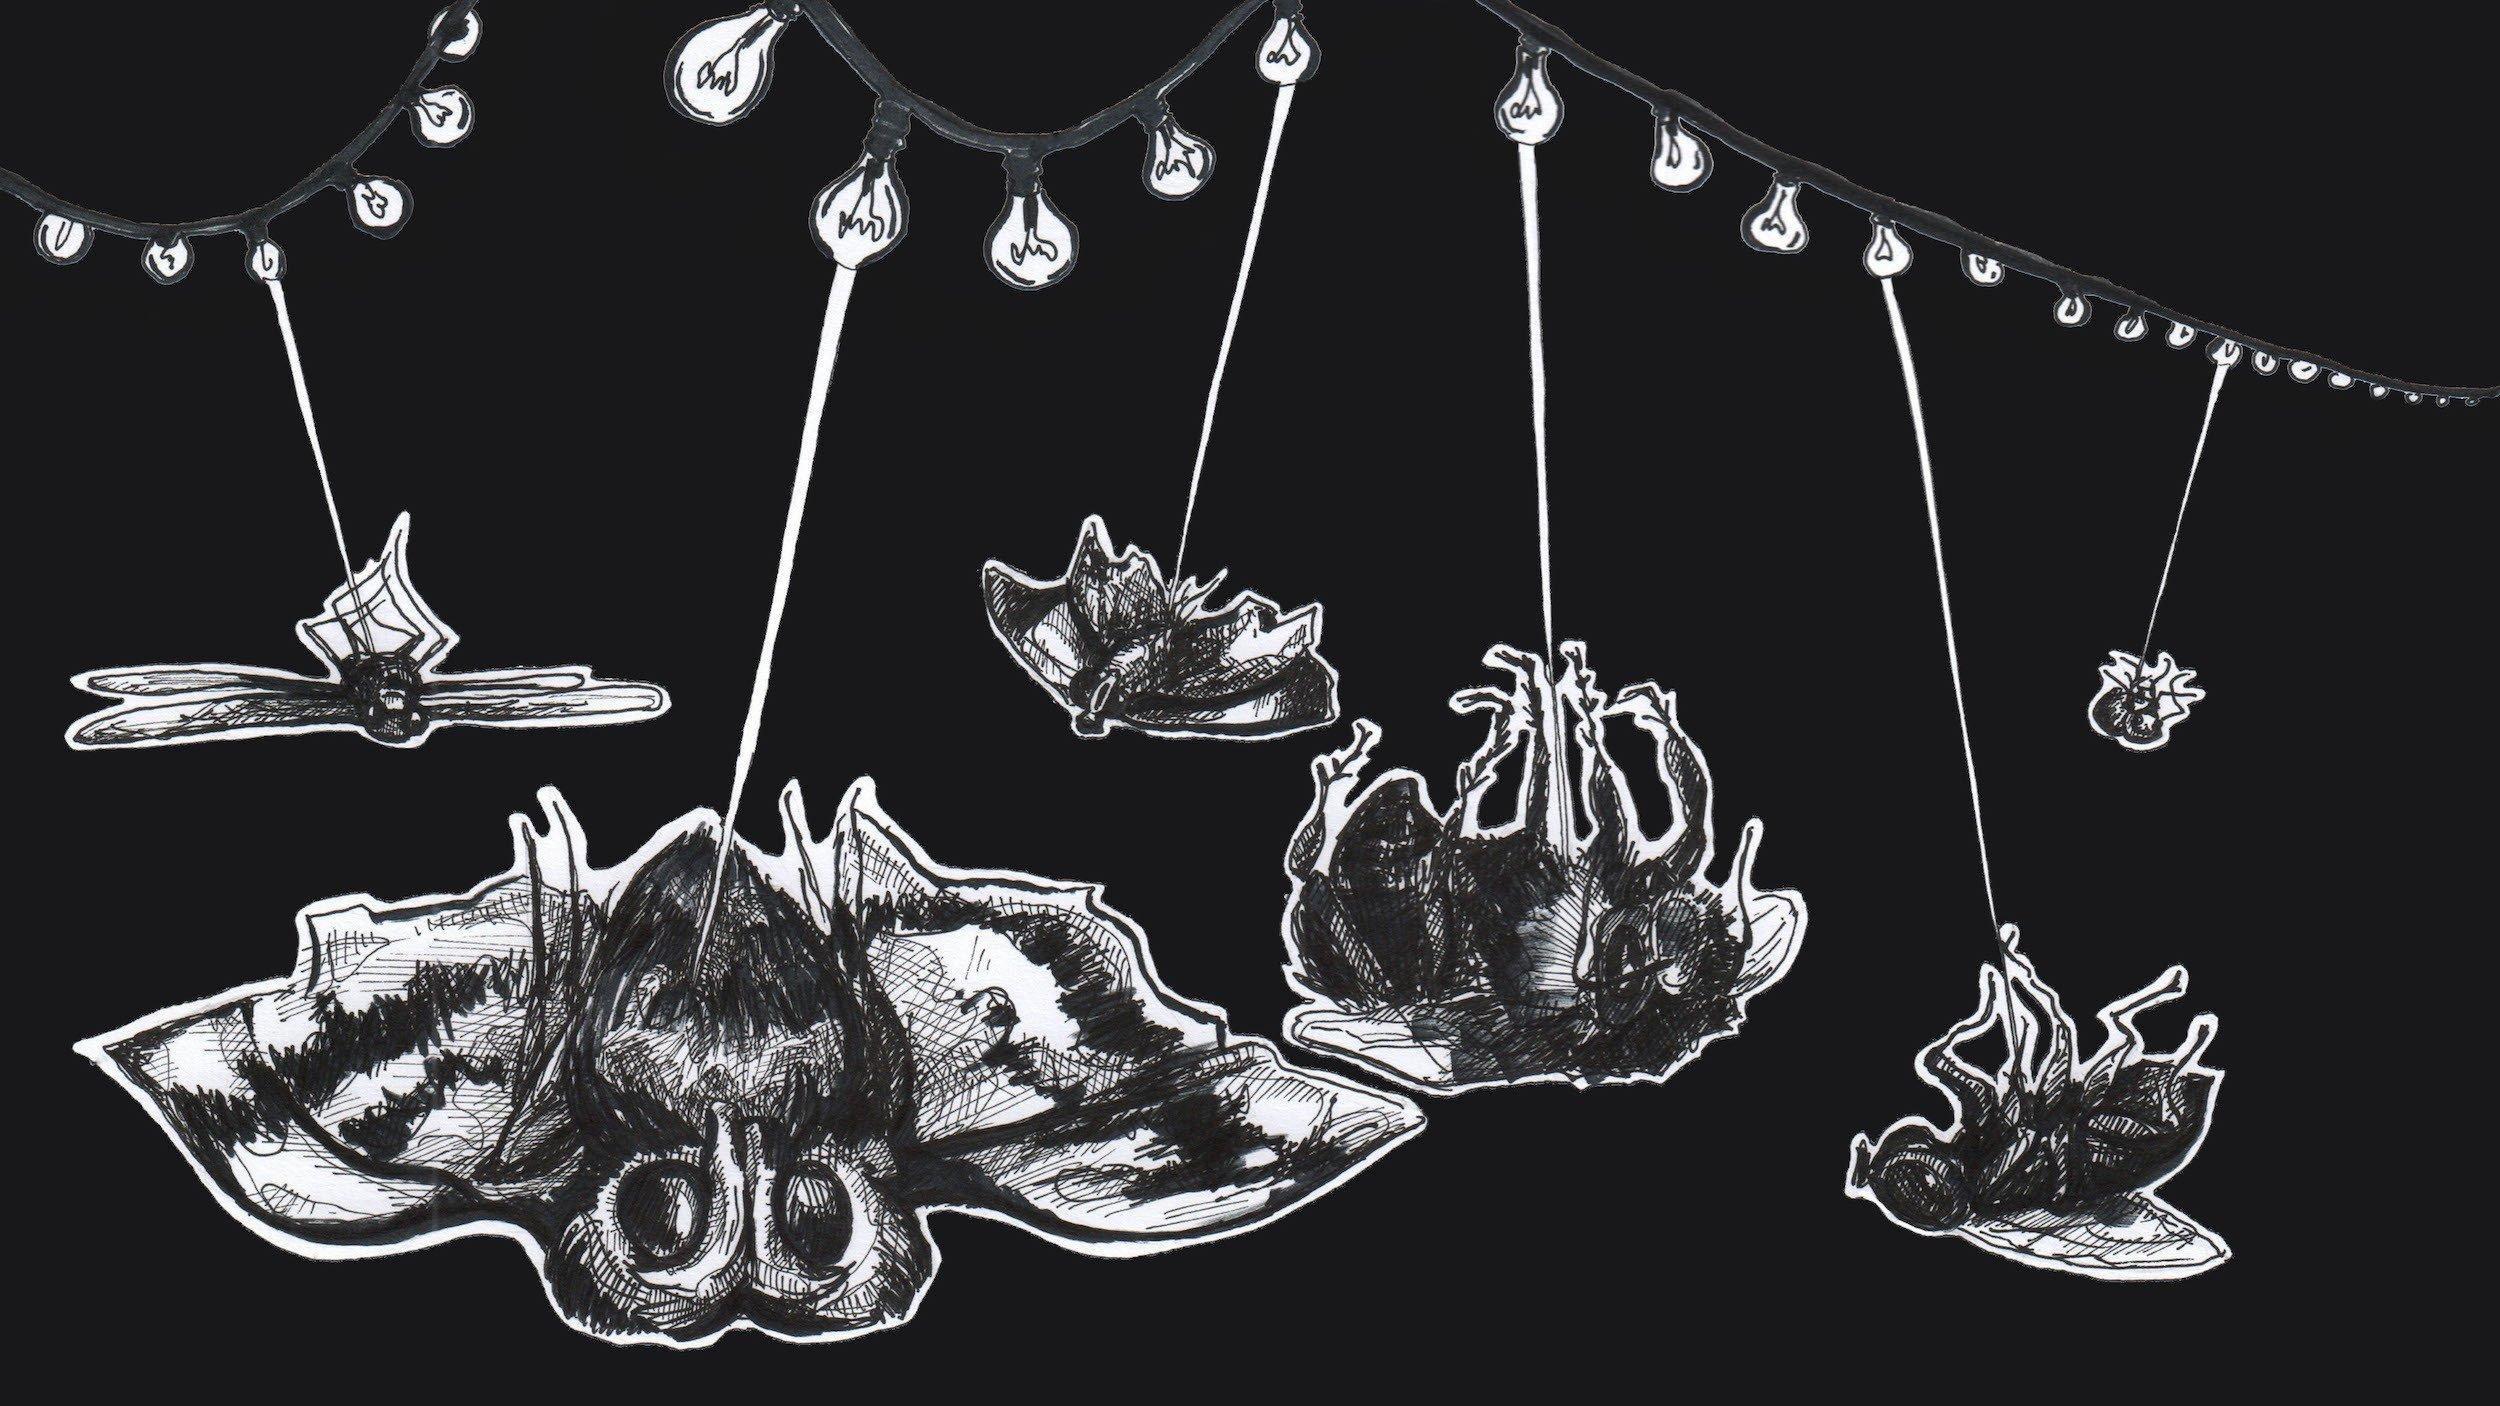 Die Illustration zeigt eine Lichterkette, die Lichtstrahlen aussendet und damit Insekten getötet hat, die auf dem Rücken am Boden liegen.